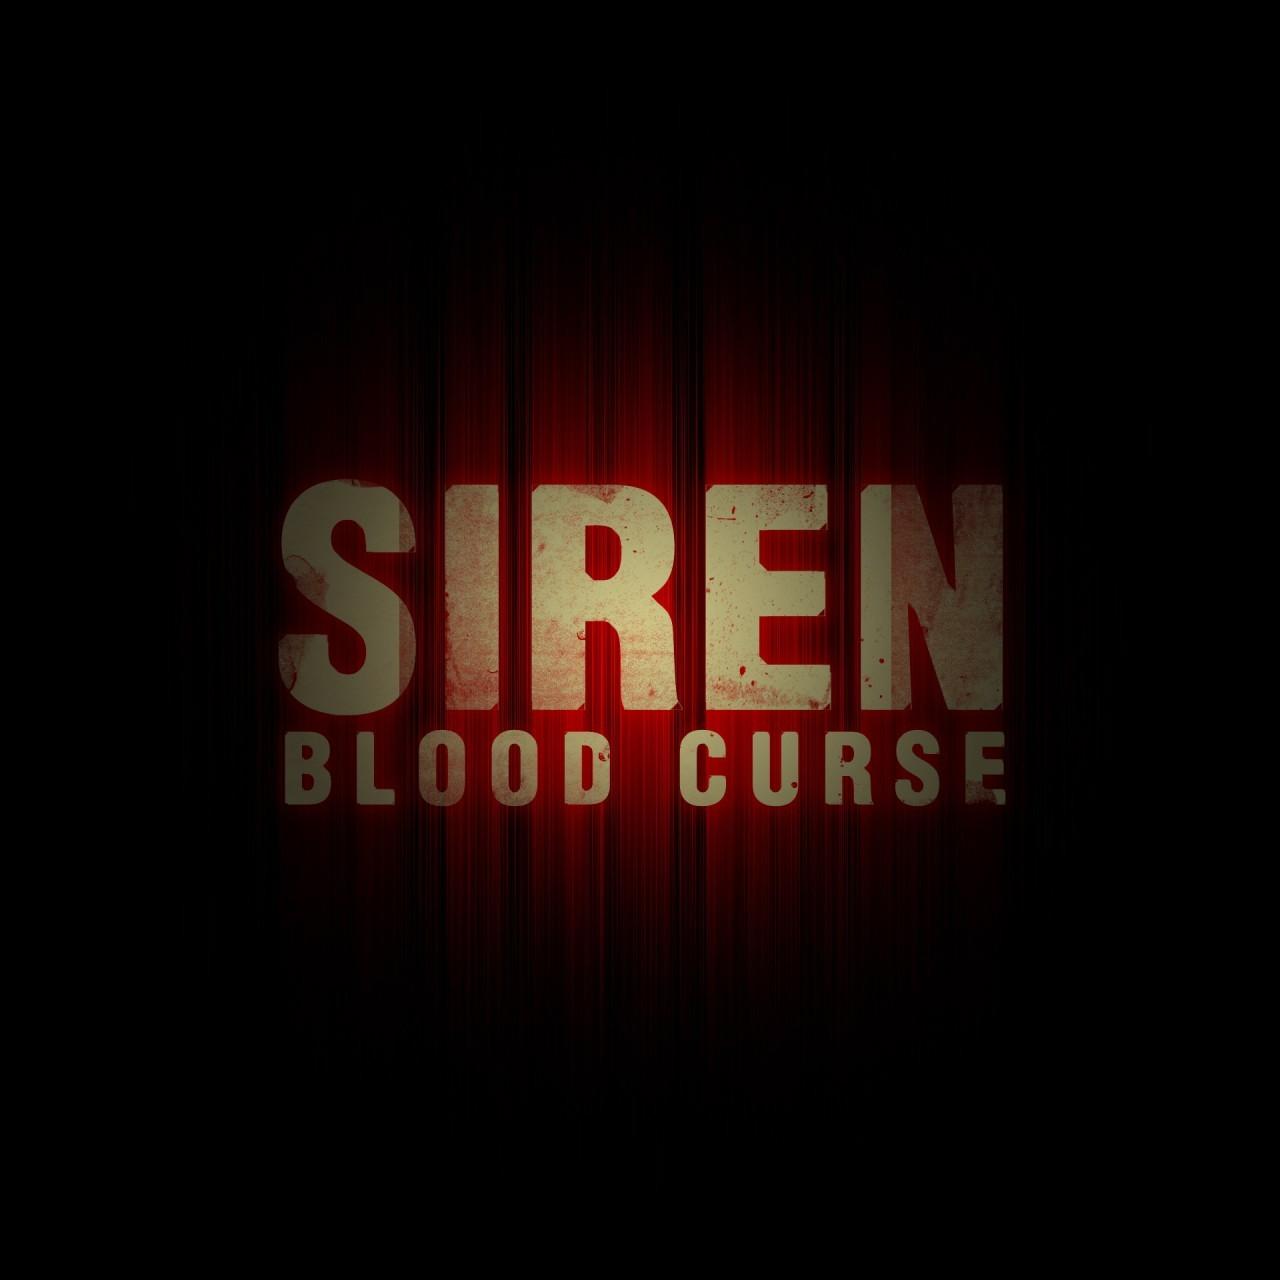 Siren: Blood Curse за 244 рубля в PSN! Скидка до 8ого мая. Если хотите хорошую игру в жанре ужасы, вам сюда. Правда  ... - Изображение 1